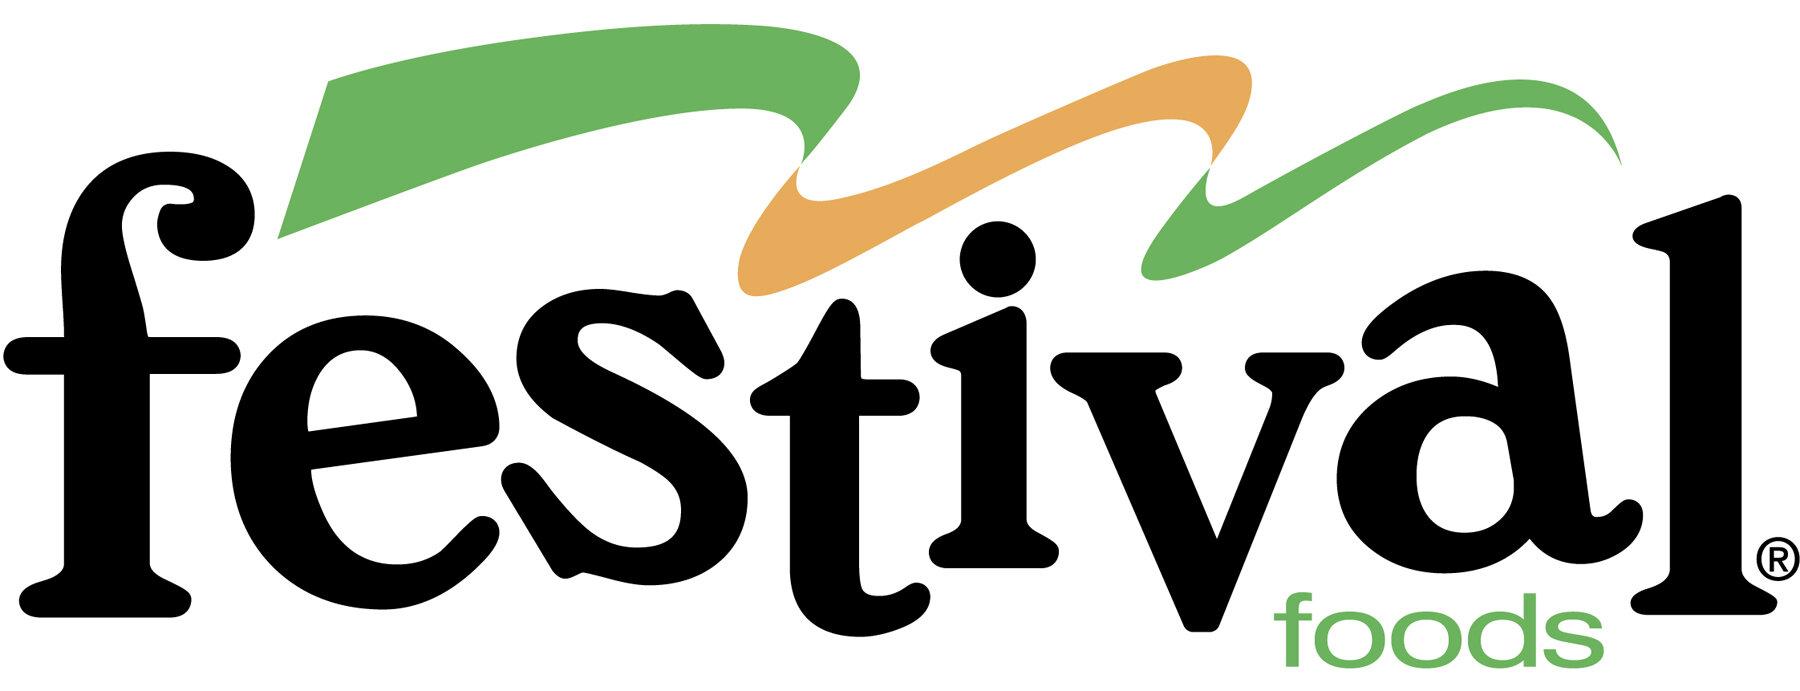 Festival Logo - high resolution jpg format.jpg